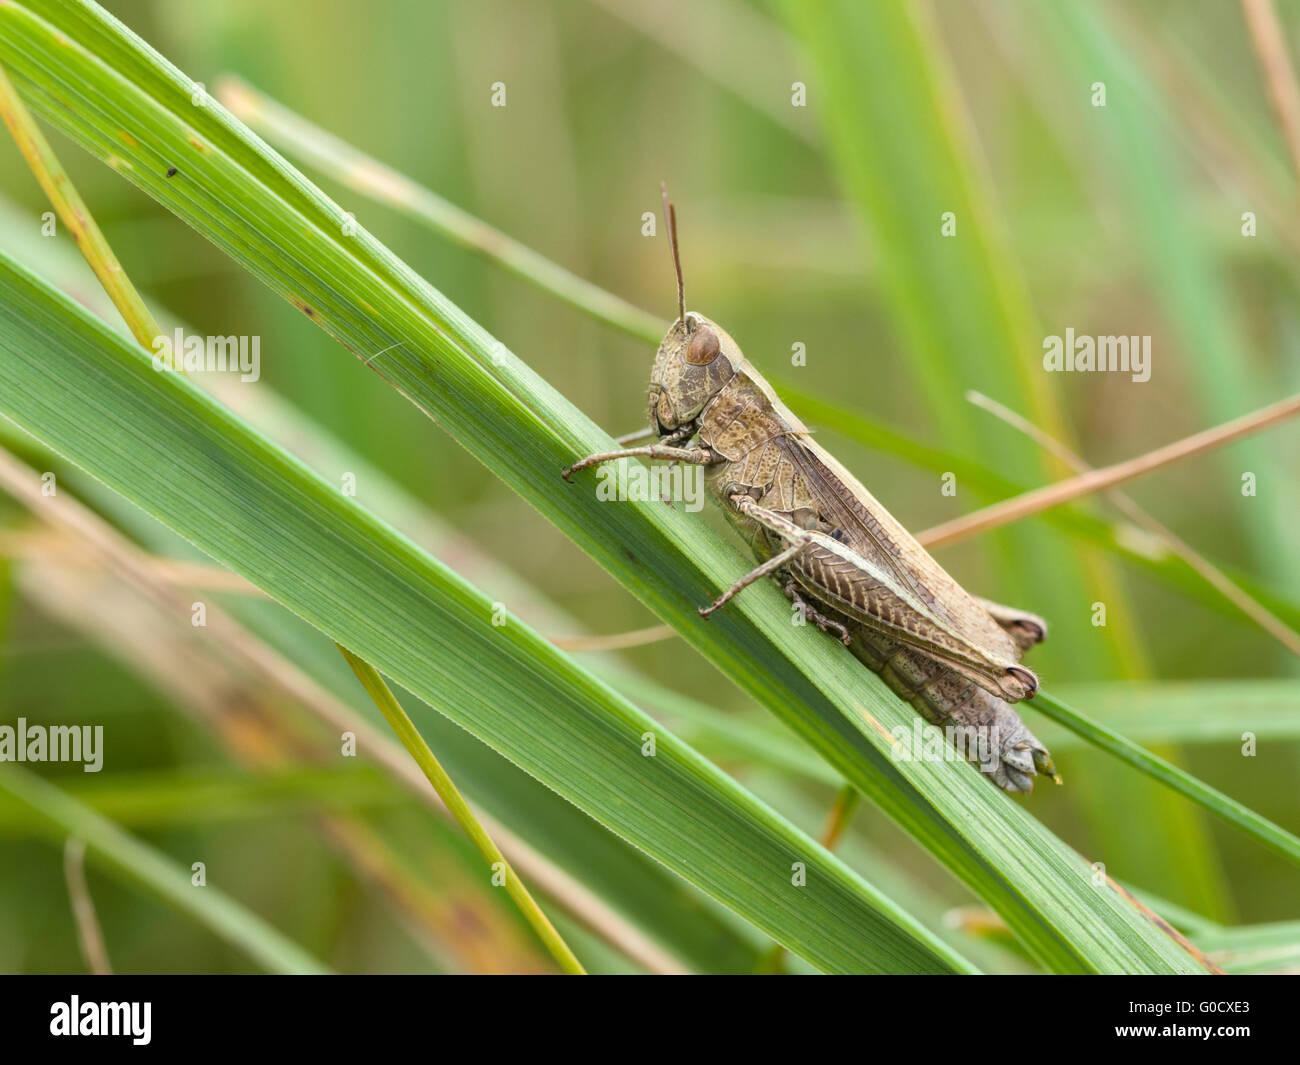 common field grasshopper (Chorthippus brunneus) - Stock Image